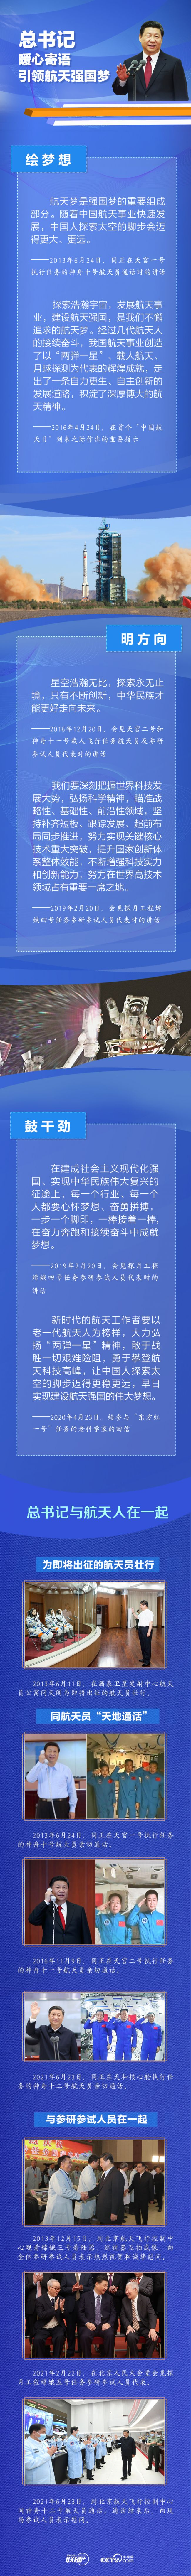 《【凤凰联盟注册平台】联播+ 总书记暖心寄语引领航天强国梦》